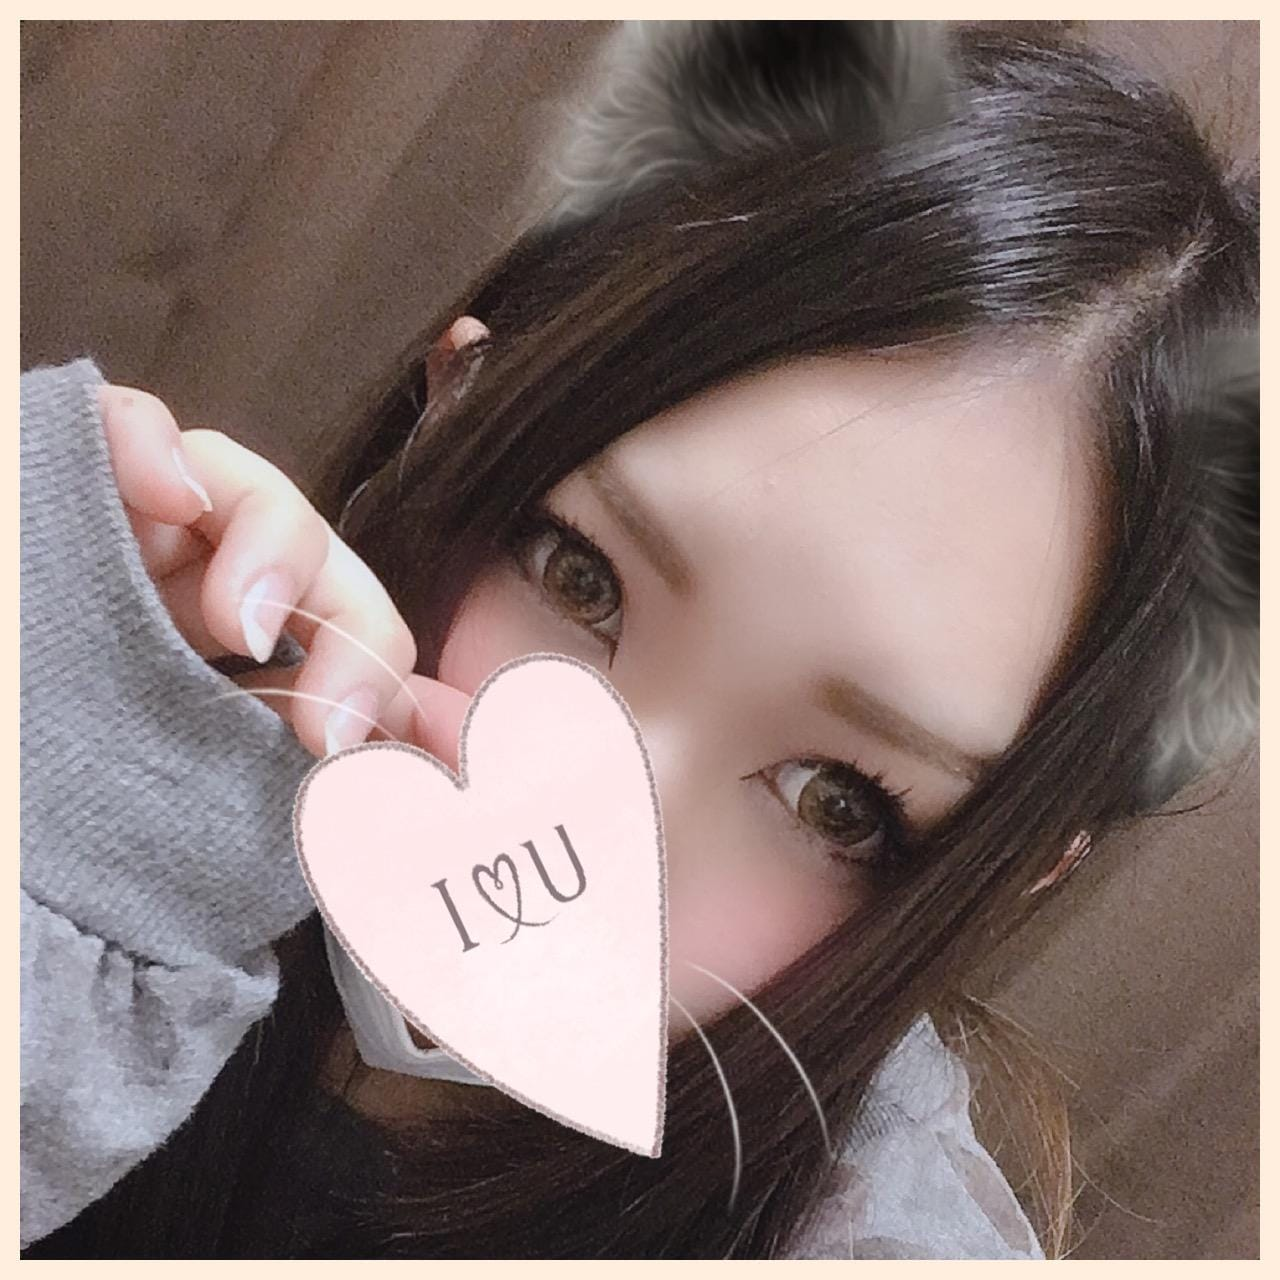 「(=°?°=)」12/11(火) 21:58 | なおの写メ・風俗動画